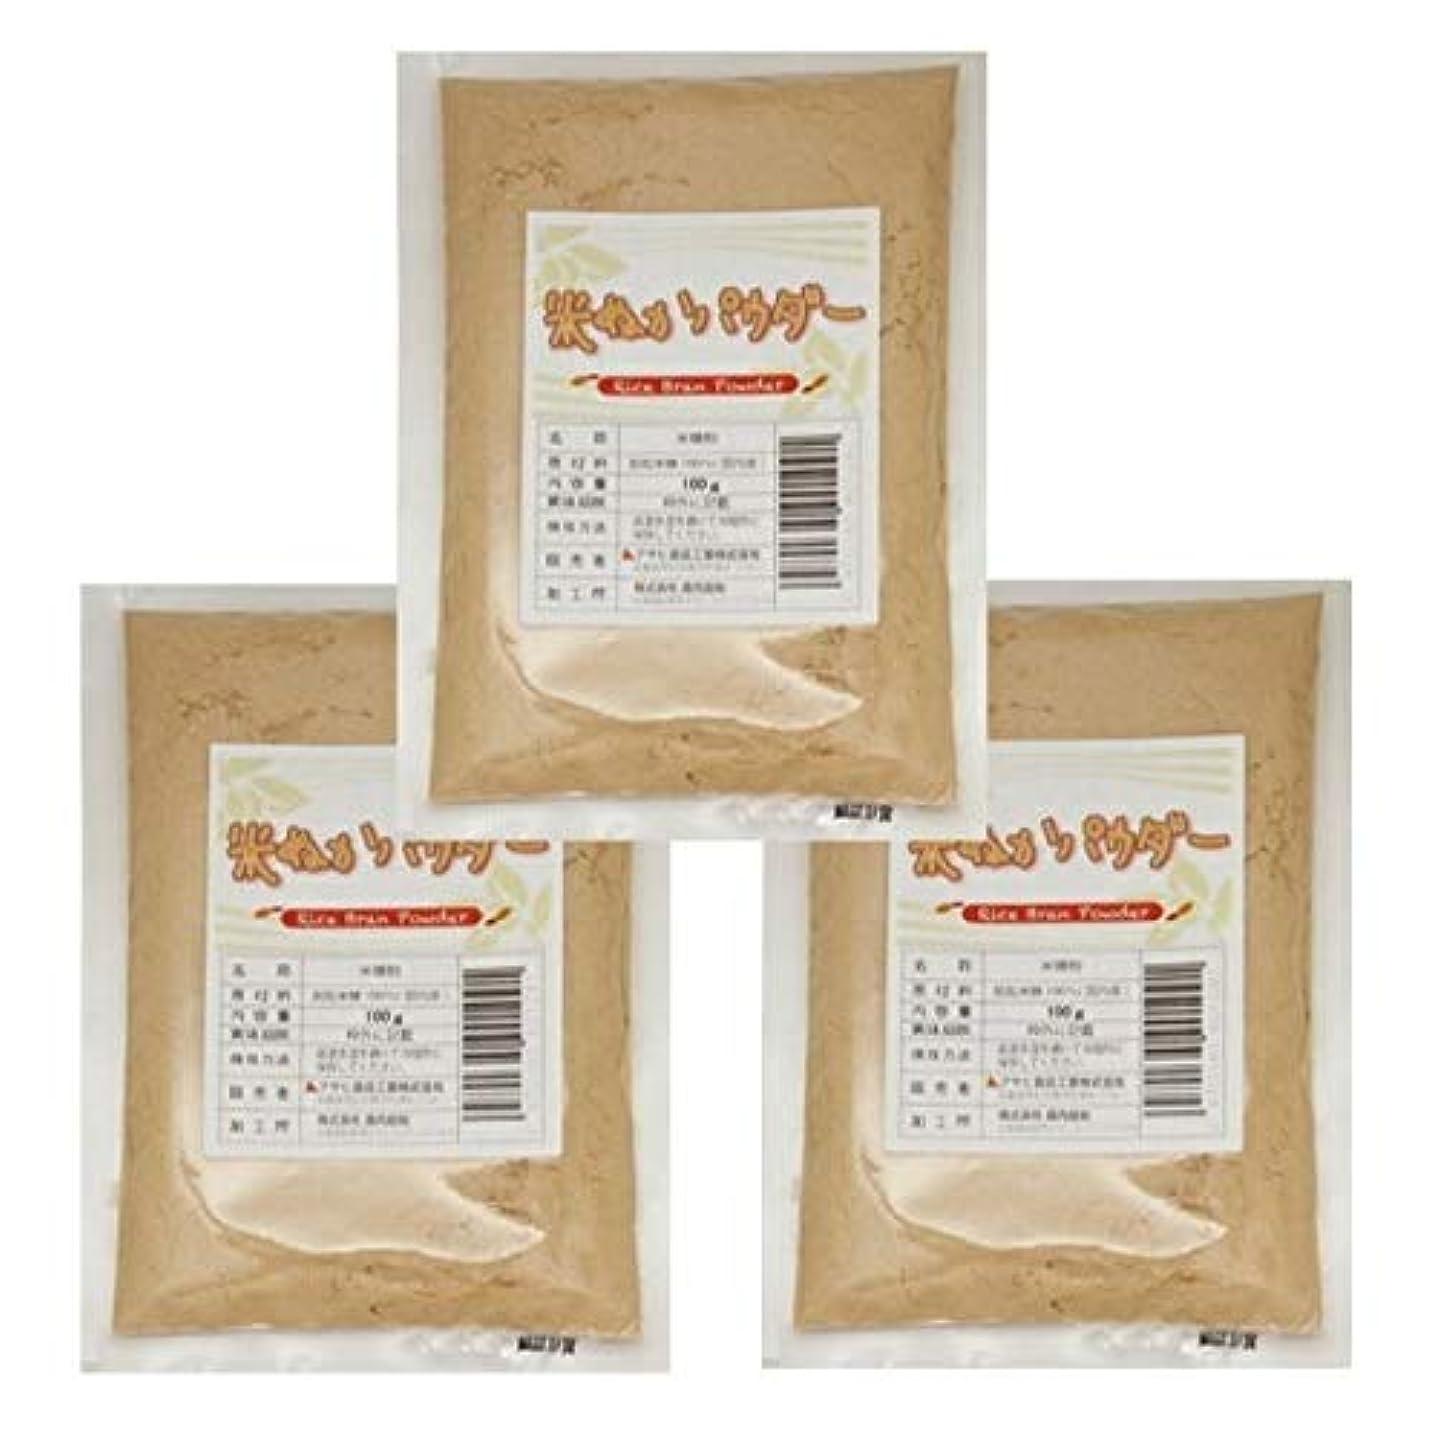 剣メナジェリー獲物こなやの底力 食べる 米ぬかパウダー 100g×3袋 1000円ポッキリ!セット